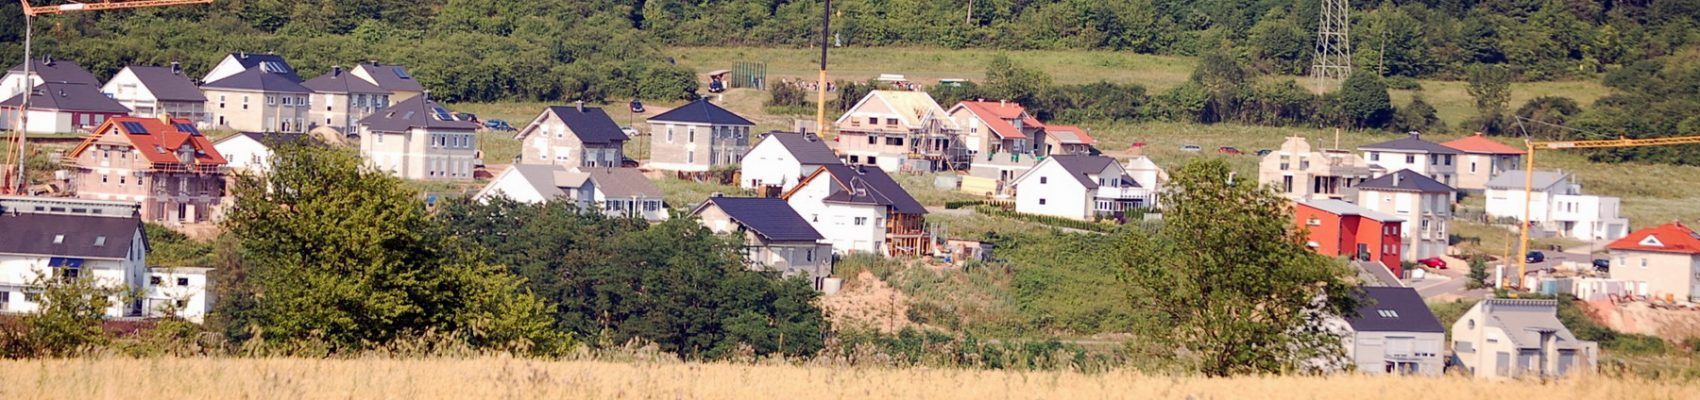 Baugebiet Gipsberg